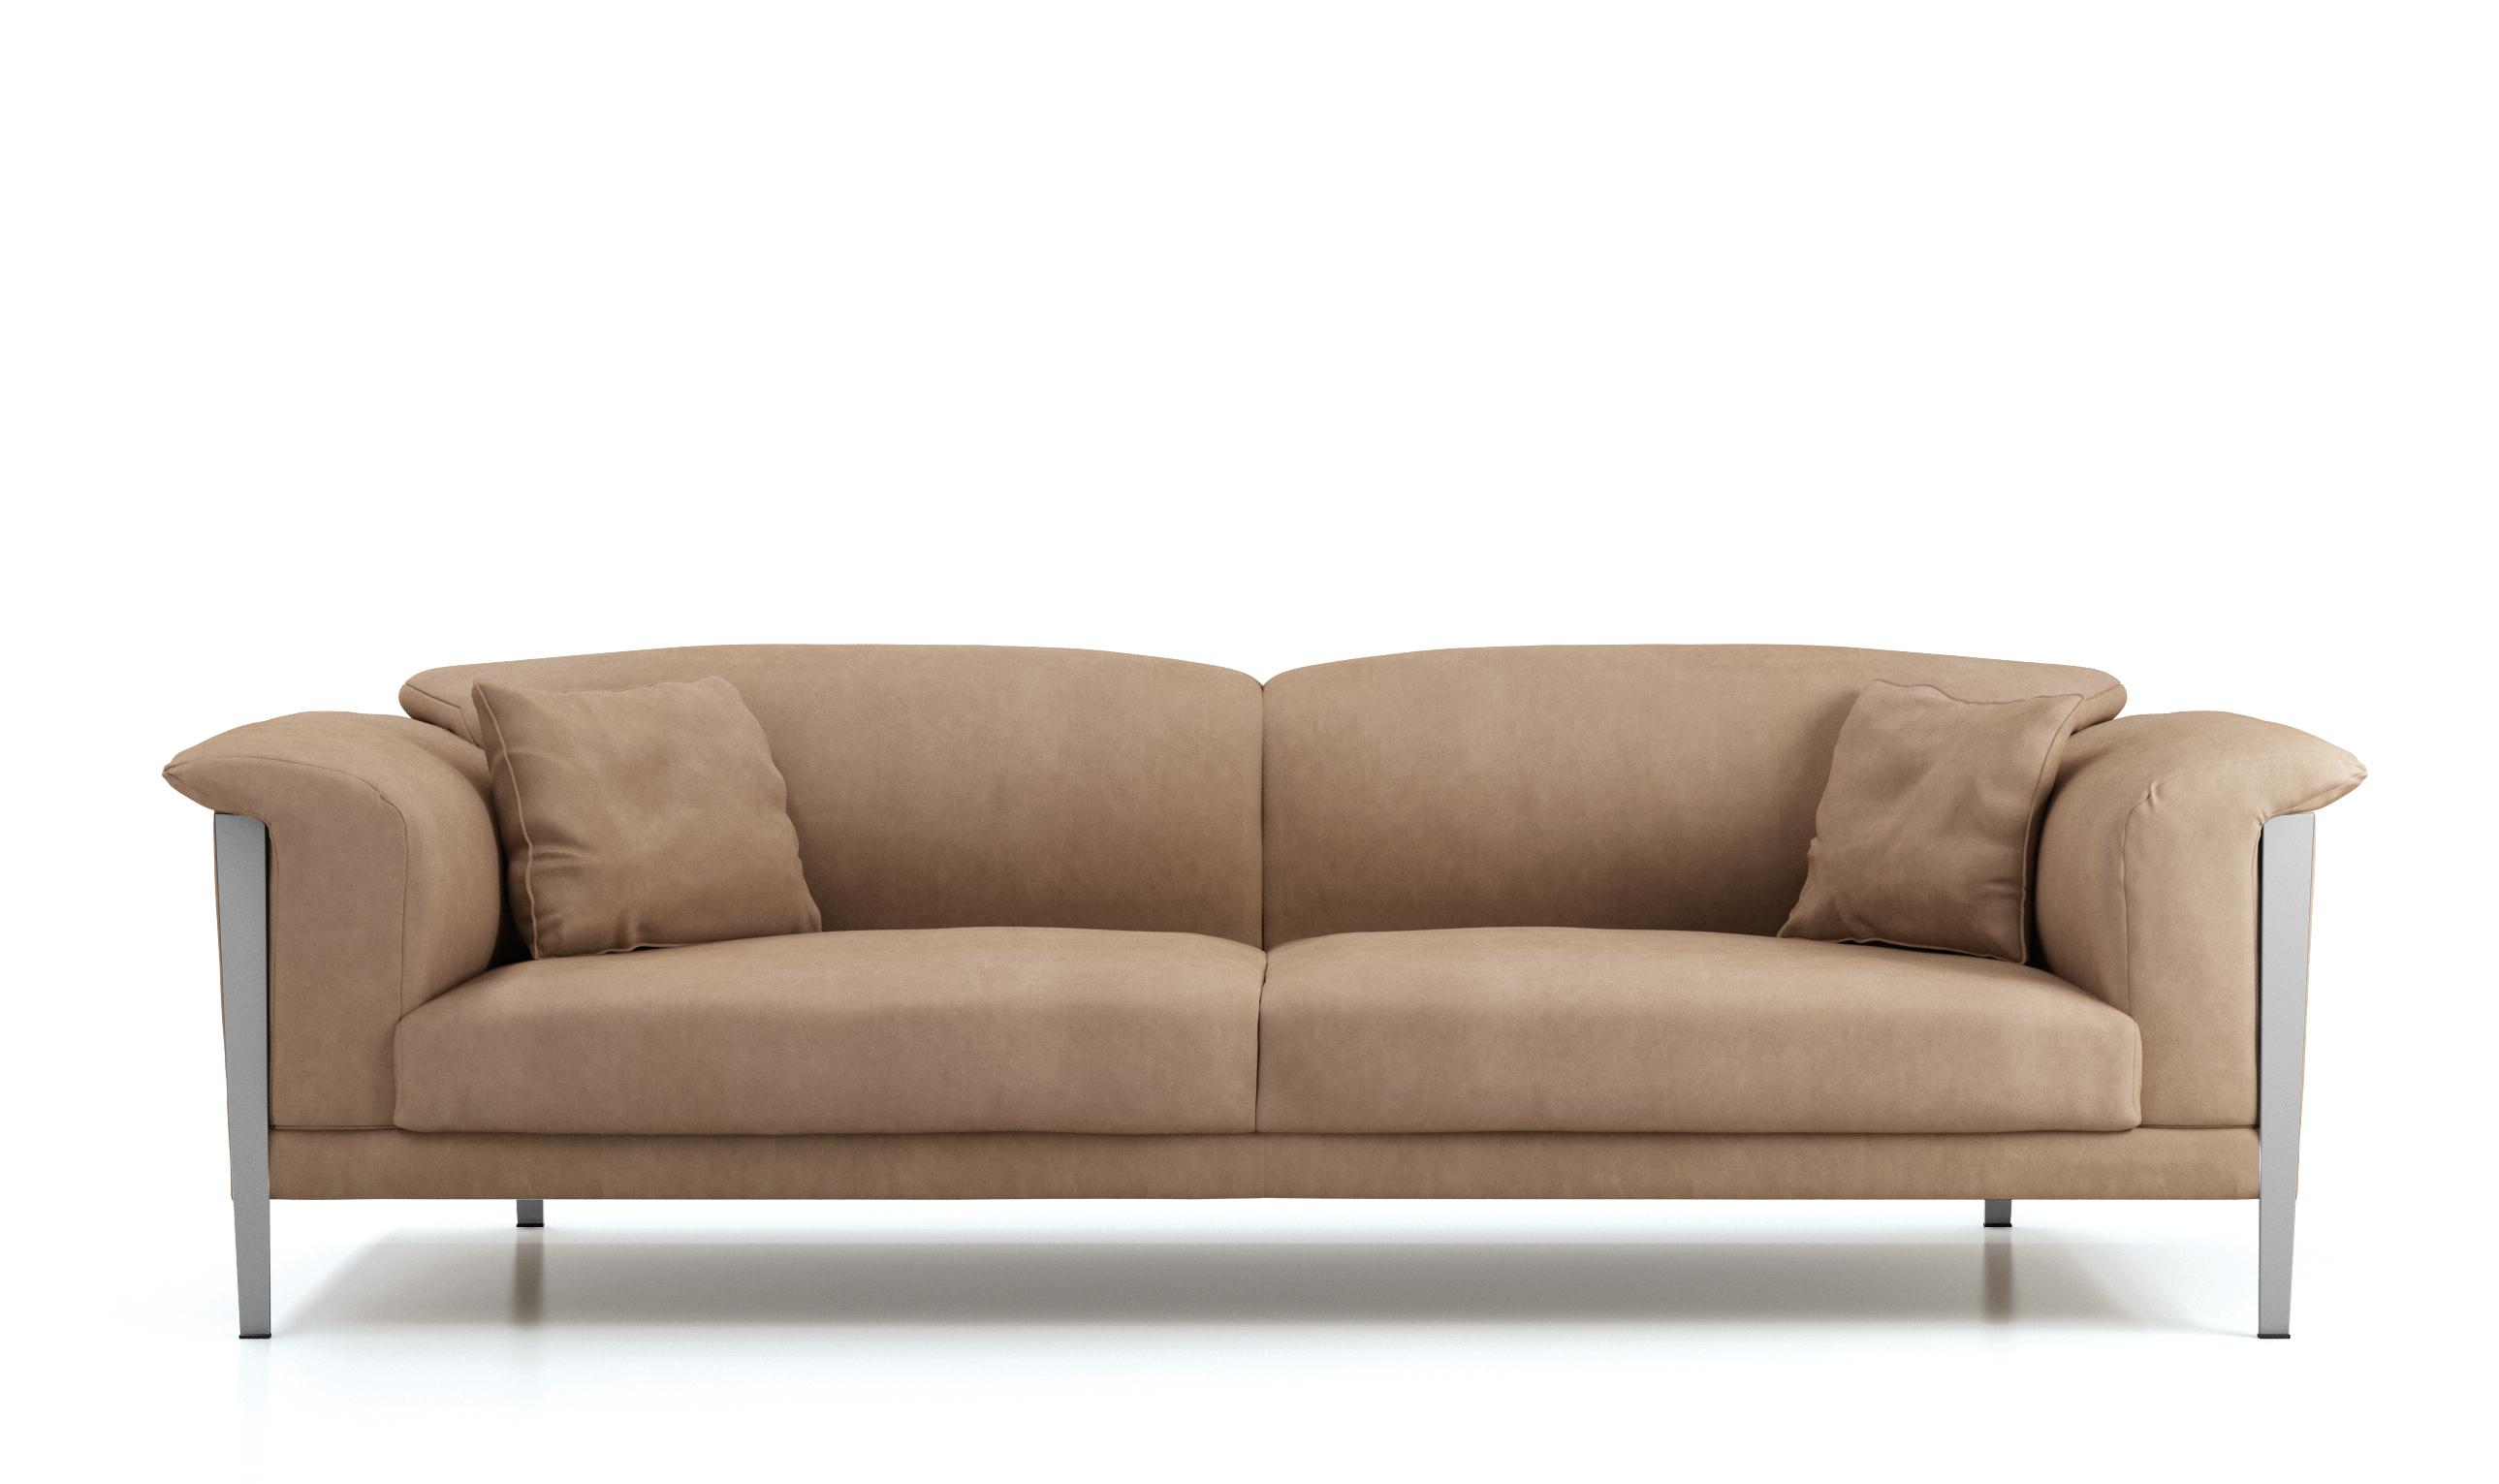 Cream Color Extra Soft Padded Leather Sofa Set Sacramento